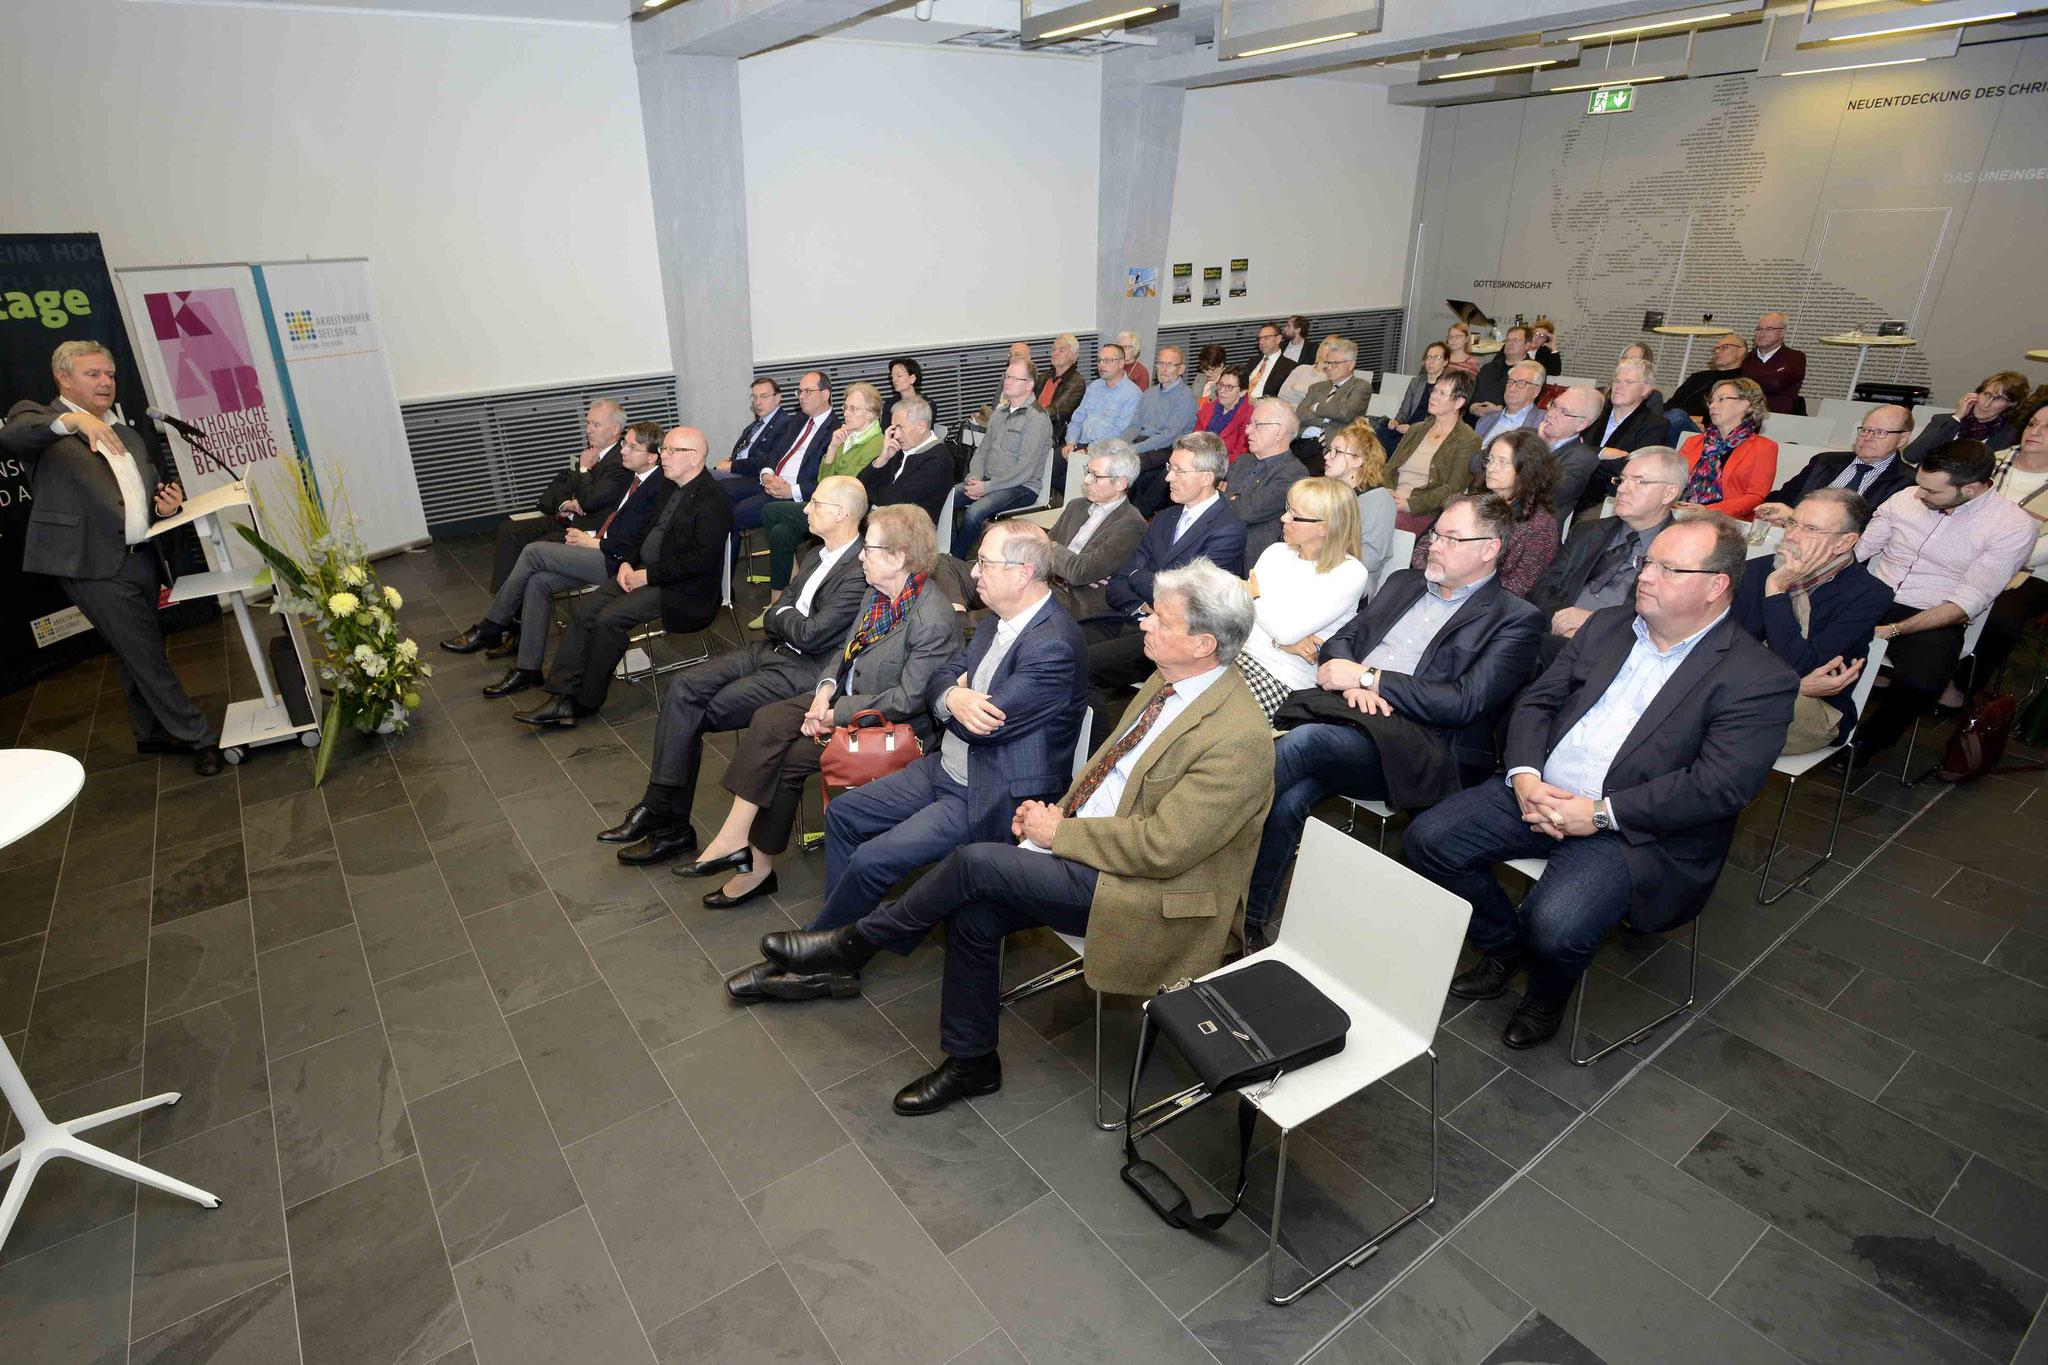 v.l. n.r. Prof. Dr. Braun, R. Kininger mit Frau, Dr. Hausotter, Körner, Gröpl, Christoph Reifferscheid (Präsident Bildungszentrum der Bundeswehr), Bild Copyright by Helmut G. Roos